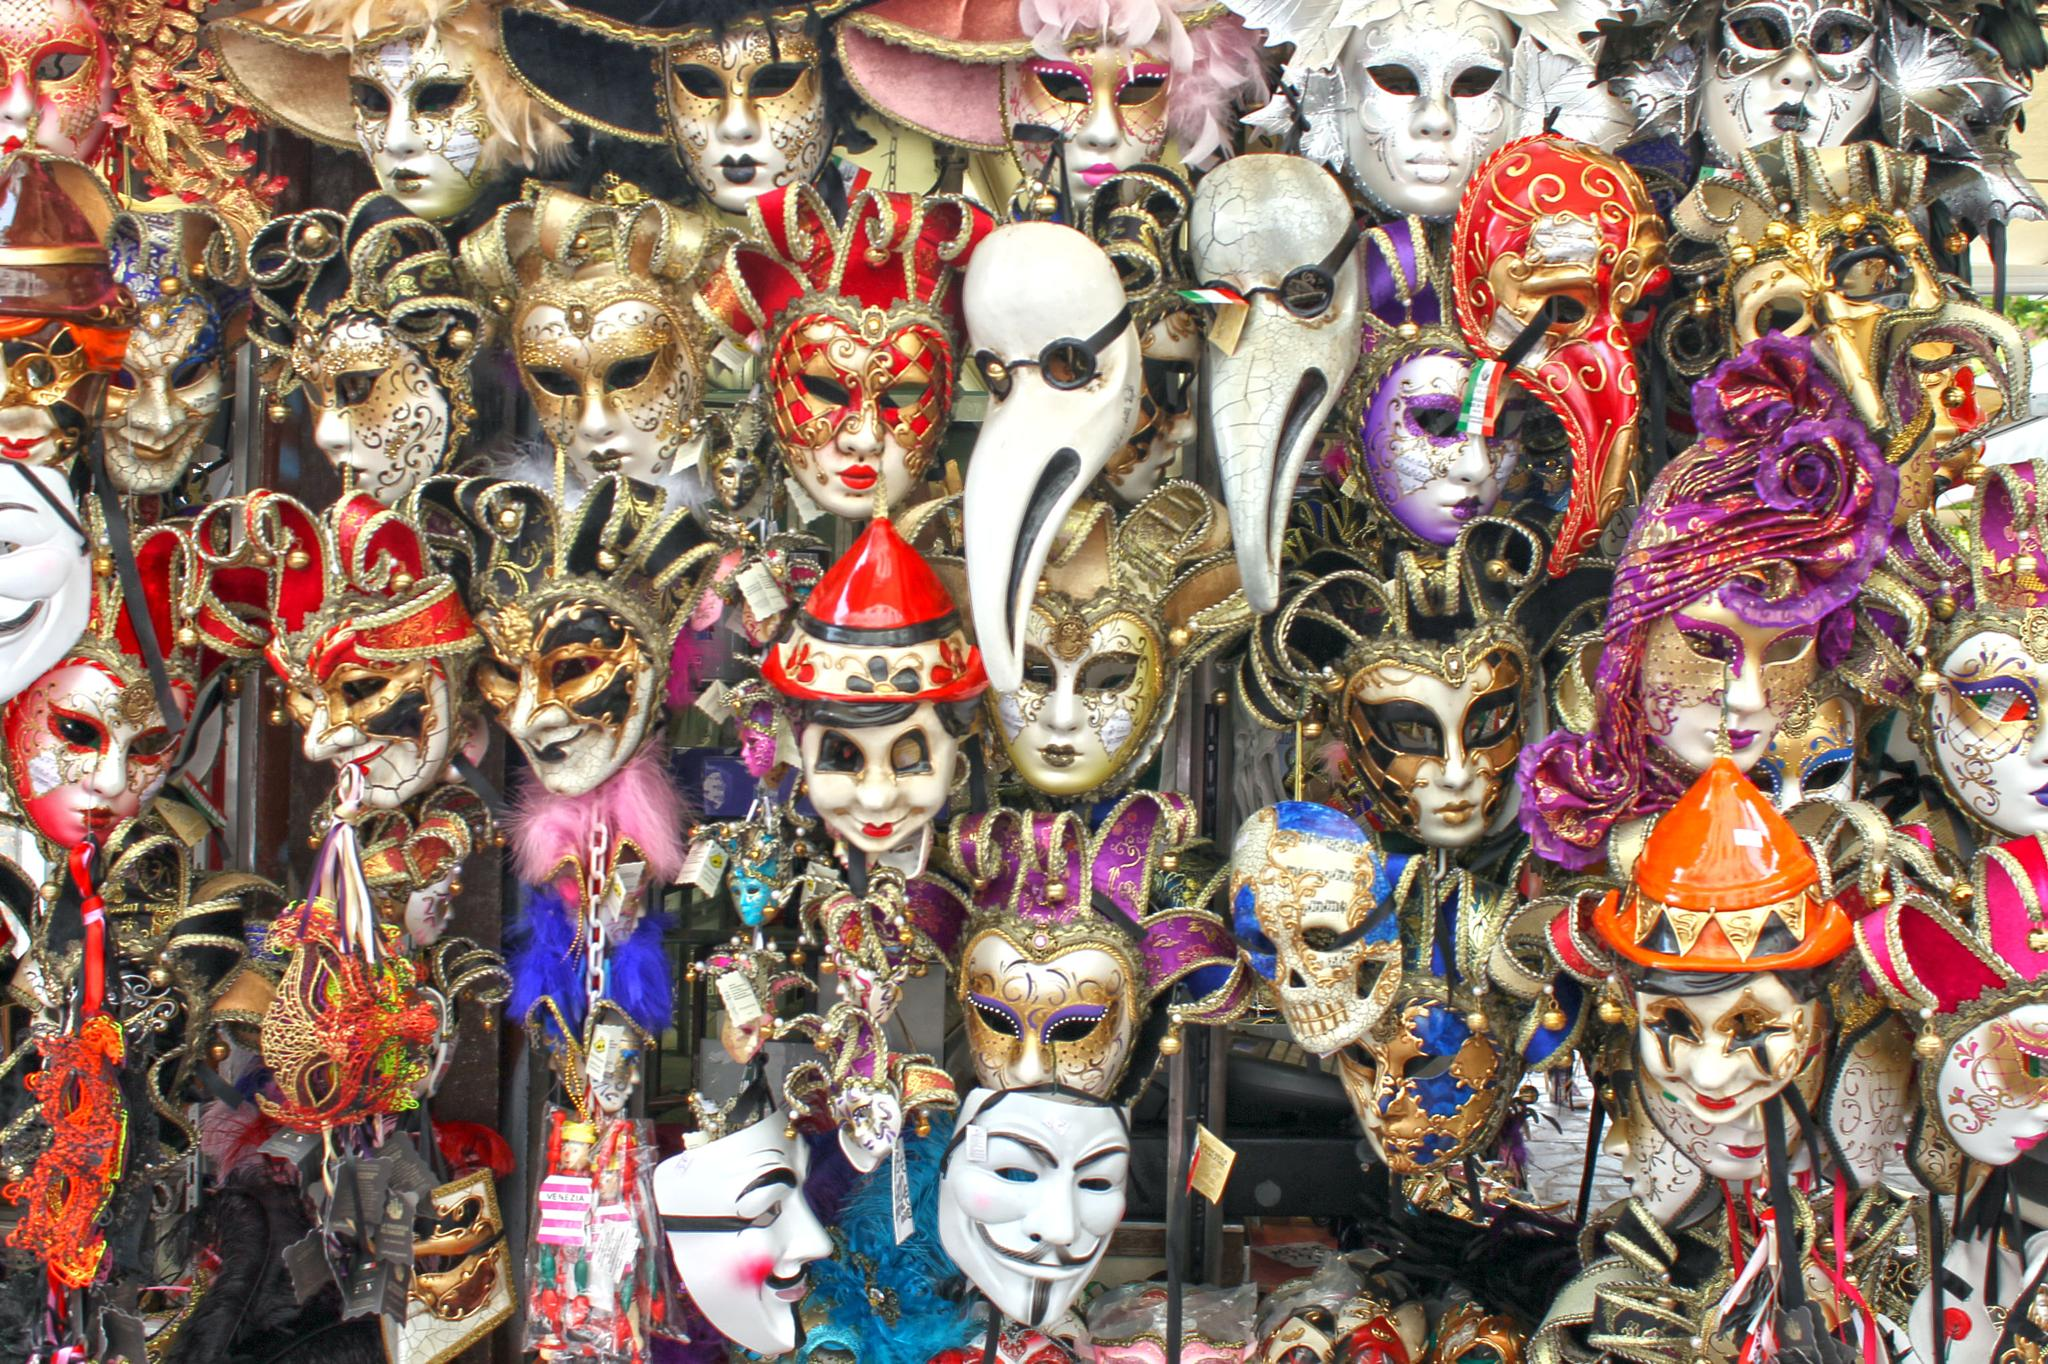 Venetian mask display by joelormsby